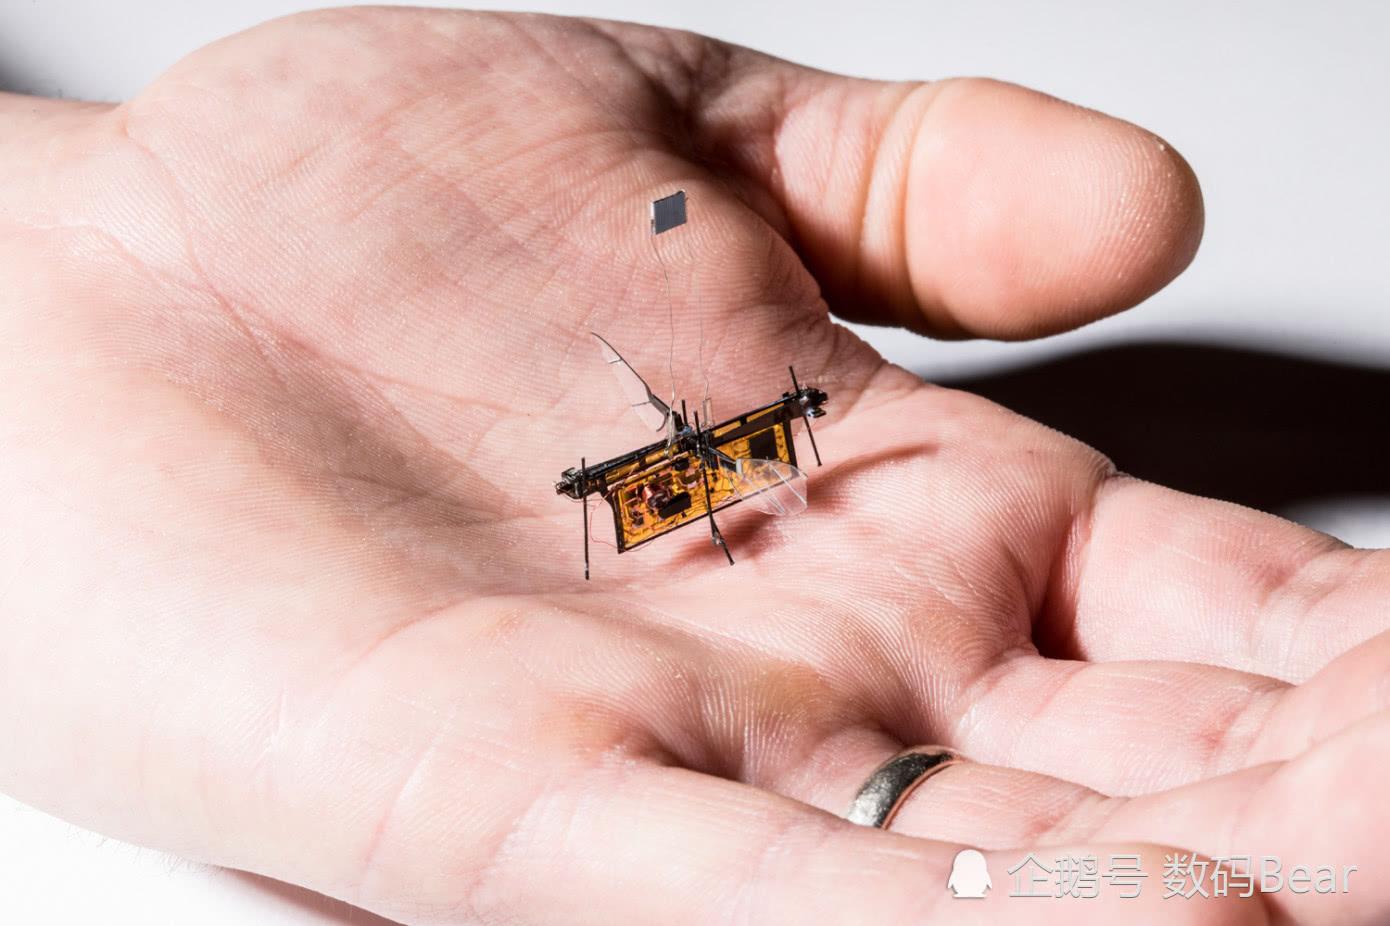 """智能硬件:'靠激光提供动力就能飞行的""""机器苍蝇""""你见过吗?'"""